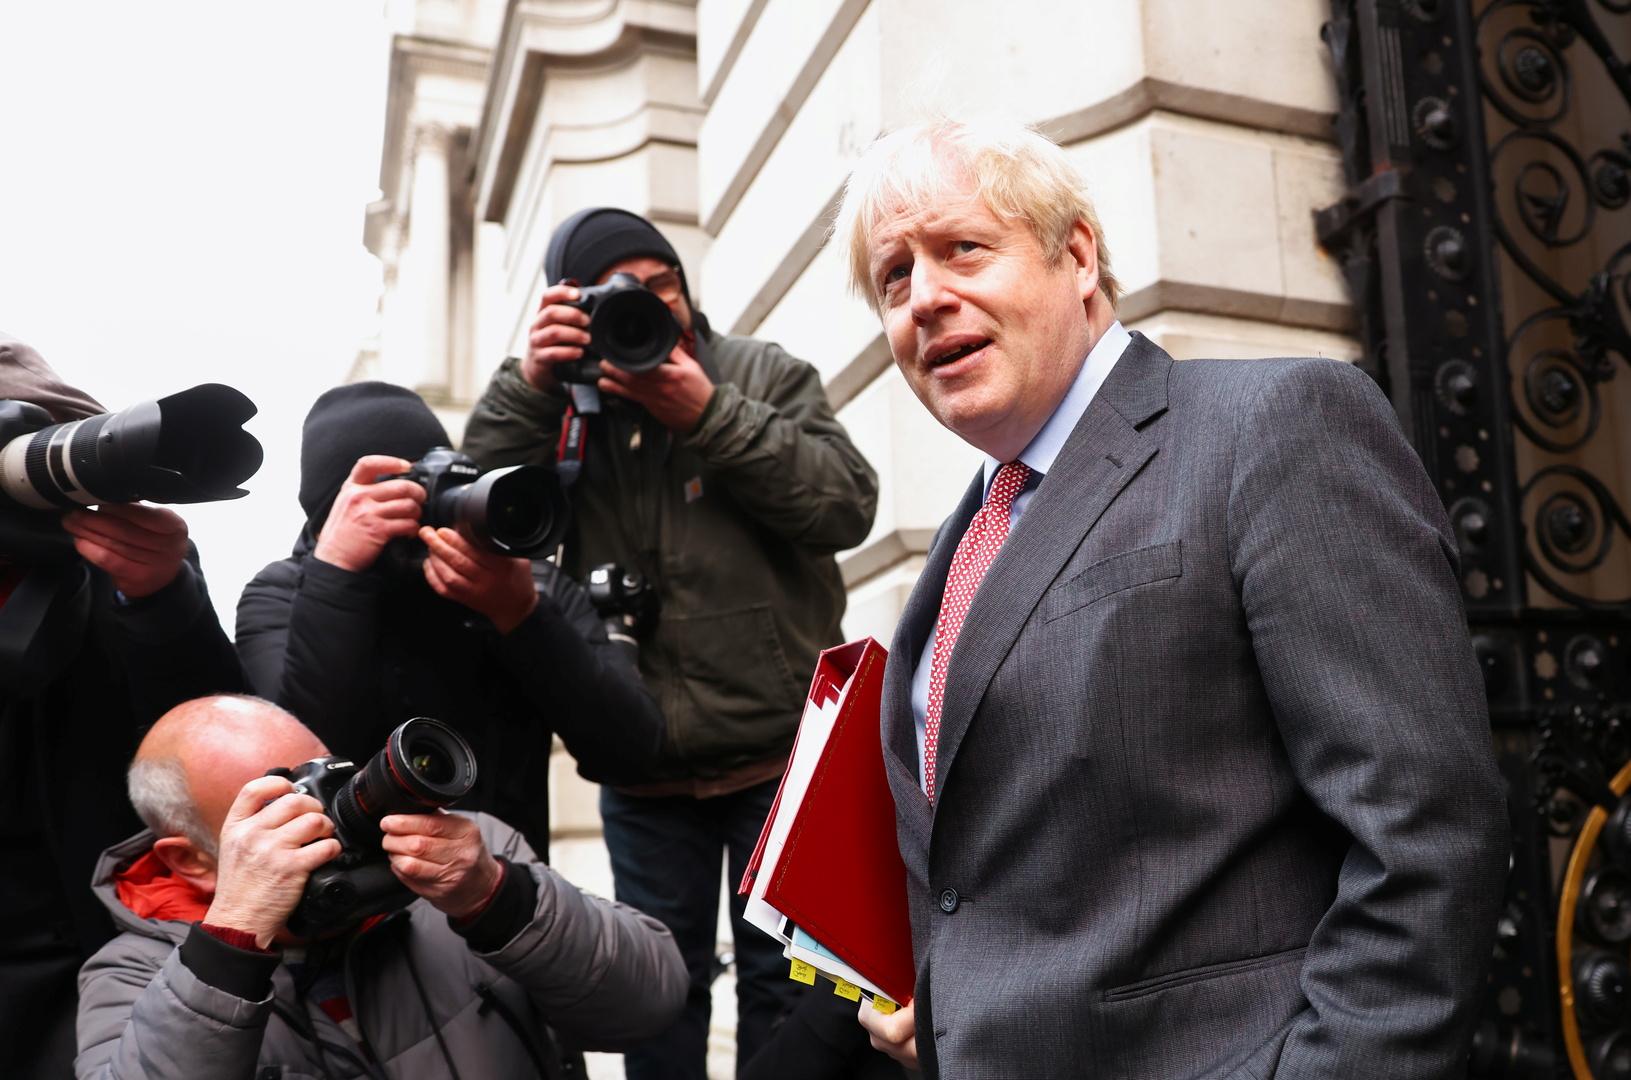 الاتحاد الأوروبي يؤكد تباعد وجهات النظر مع بريطانيا بشأن